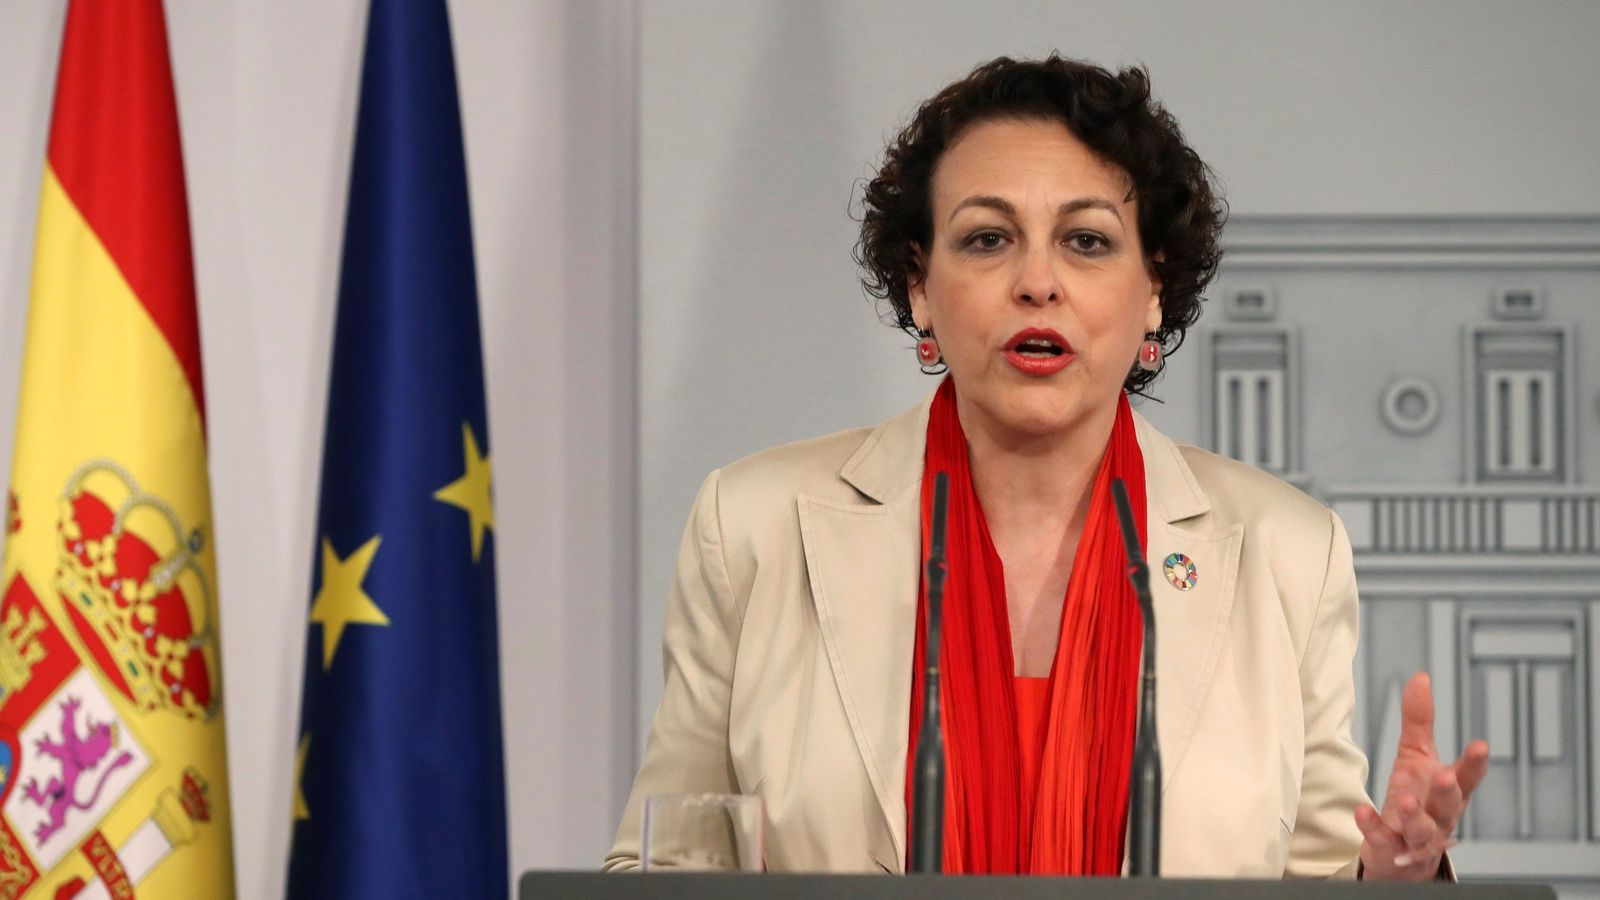 Foto: La ministra de Trabajo en funciones, Magdalena Valerio, en una comparecencia. (EFE)